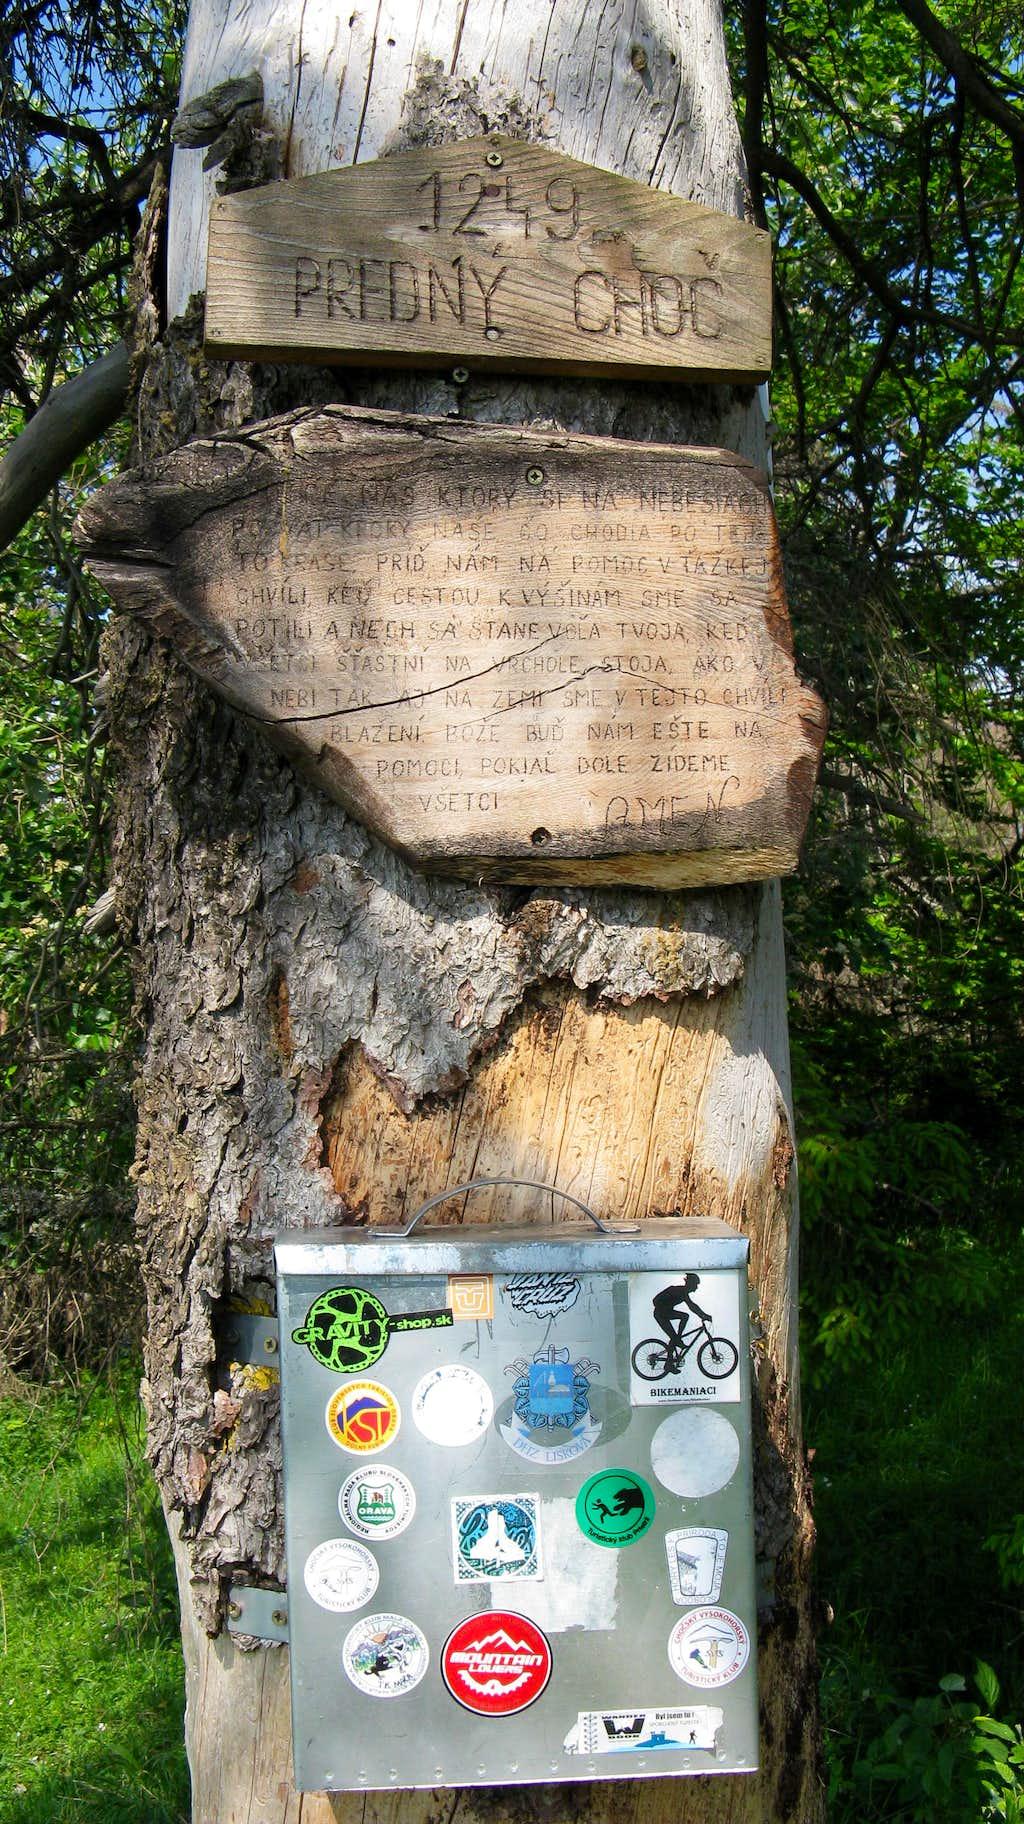 Predný Choč summit tree